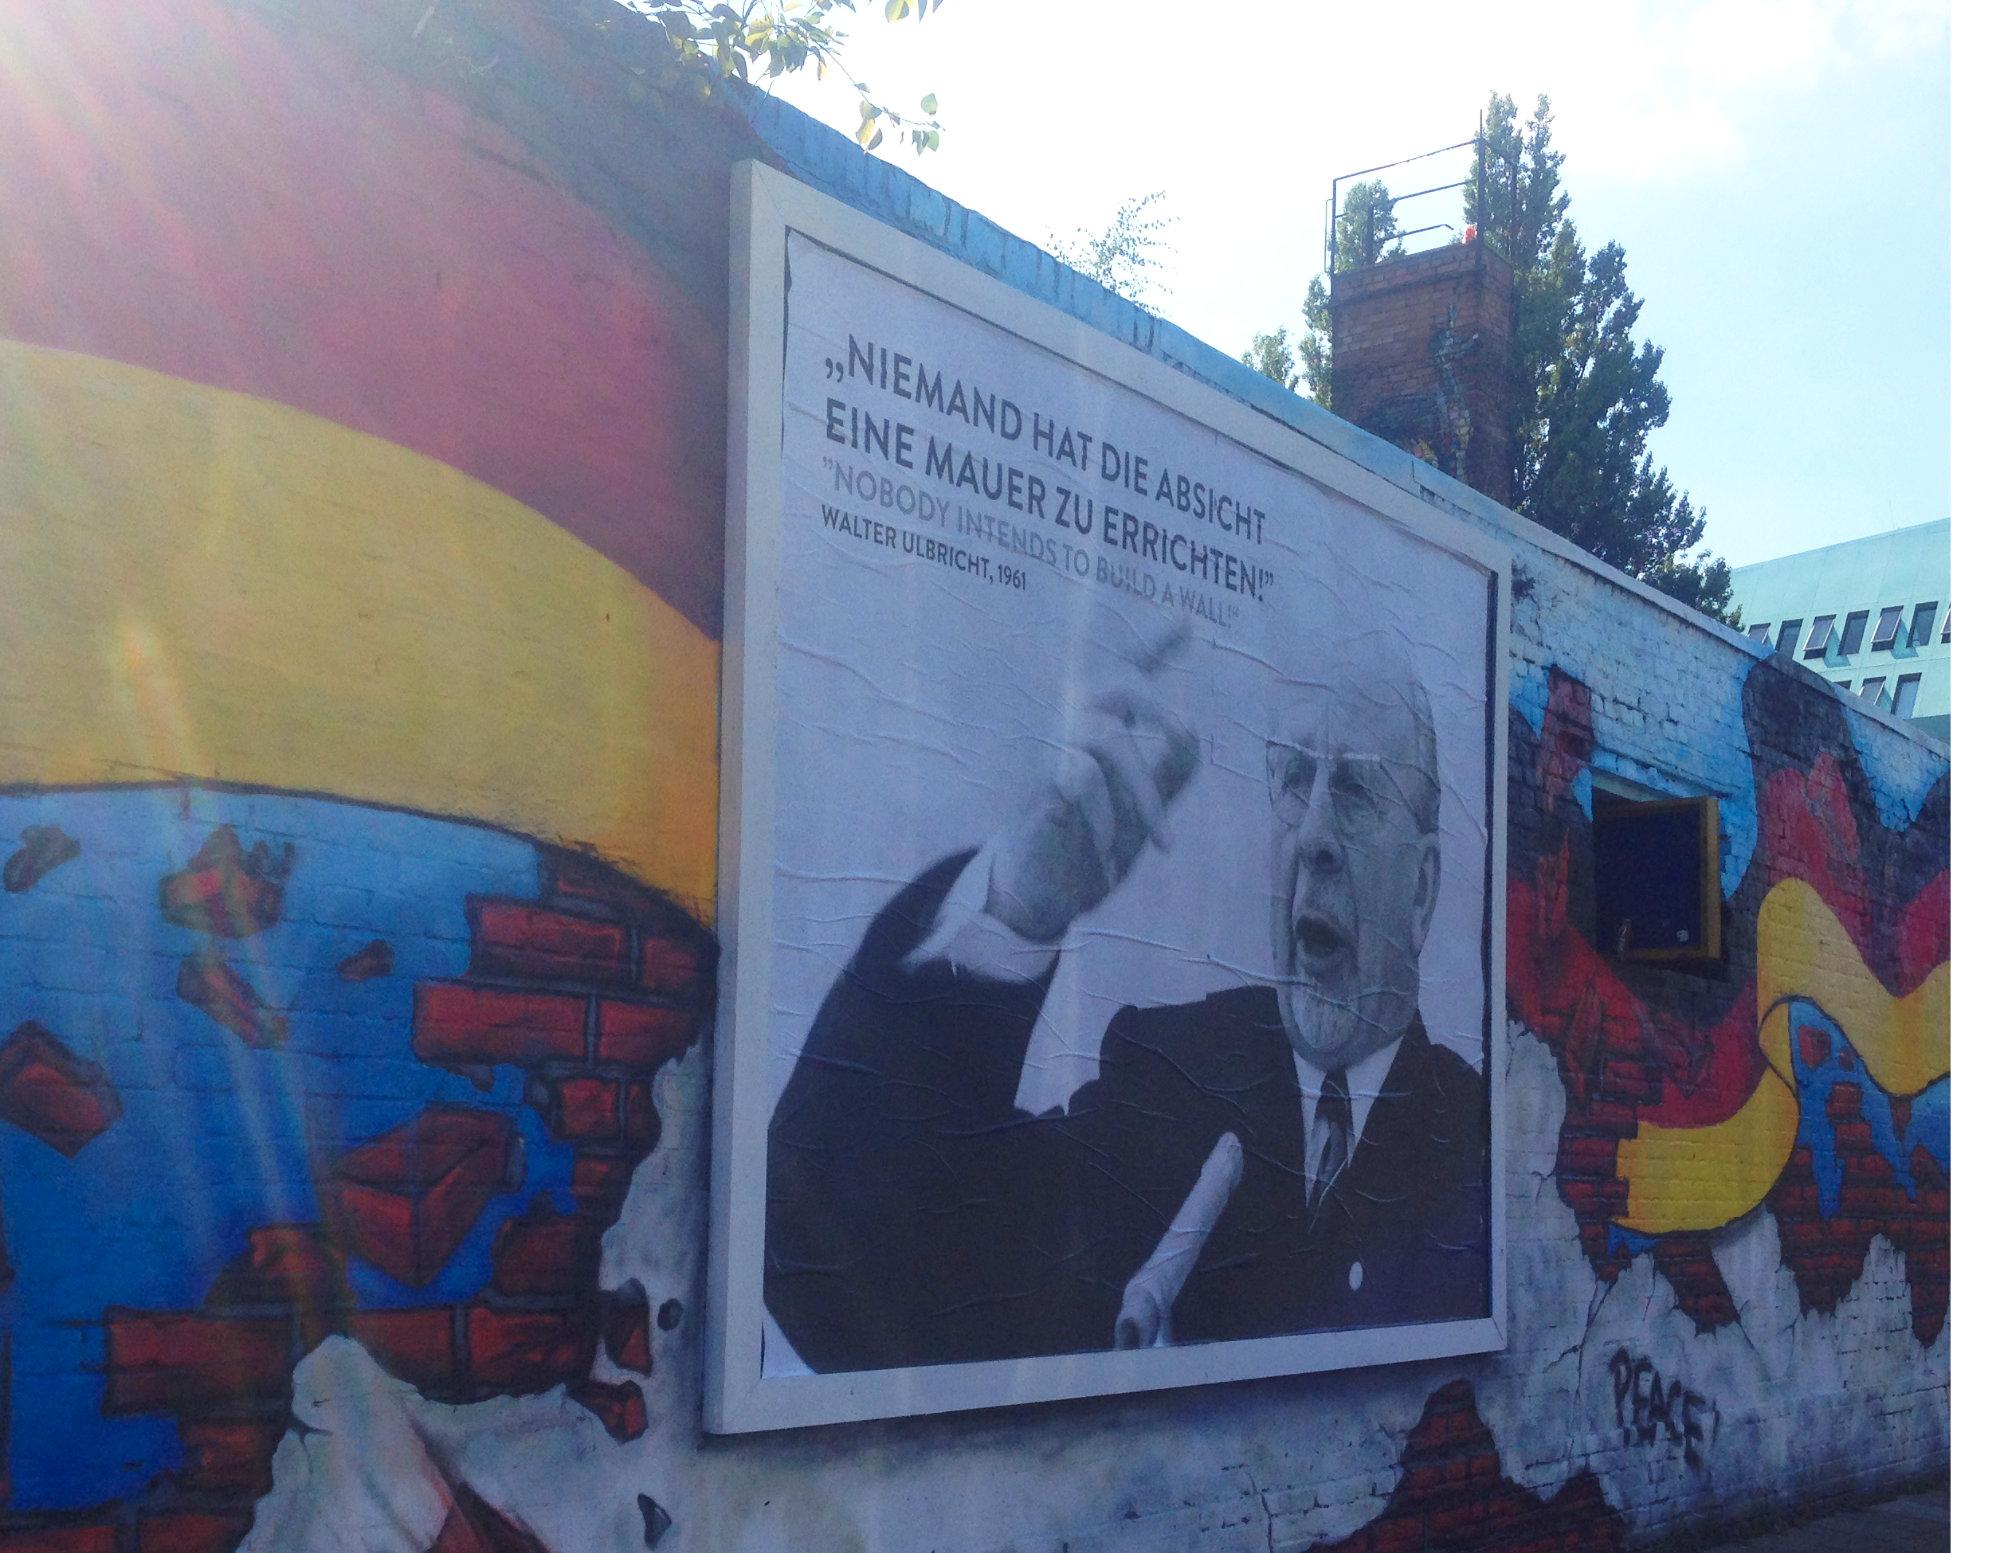 違い 西ドイツ 東ドイツ ベルリンの壁崩壊から30年。東ドイツと西ドイツの違いを比べてみた。 |